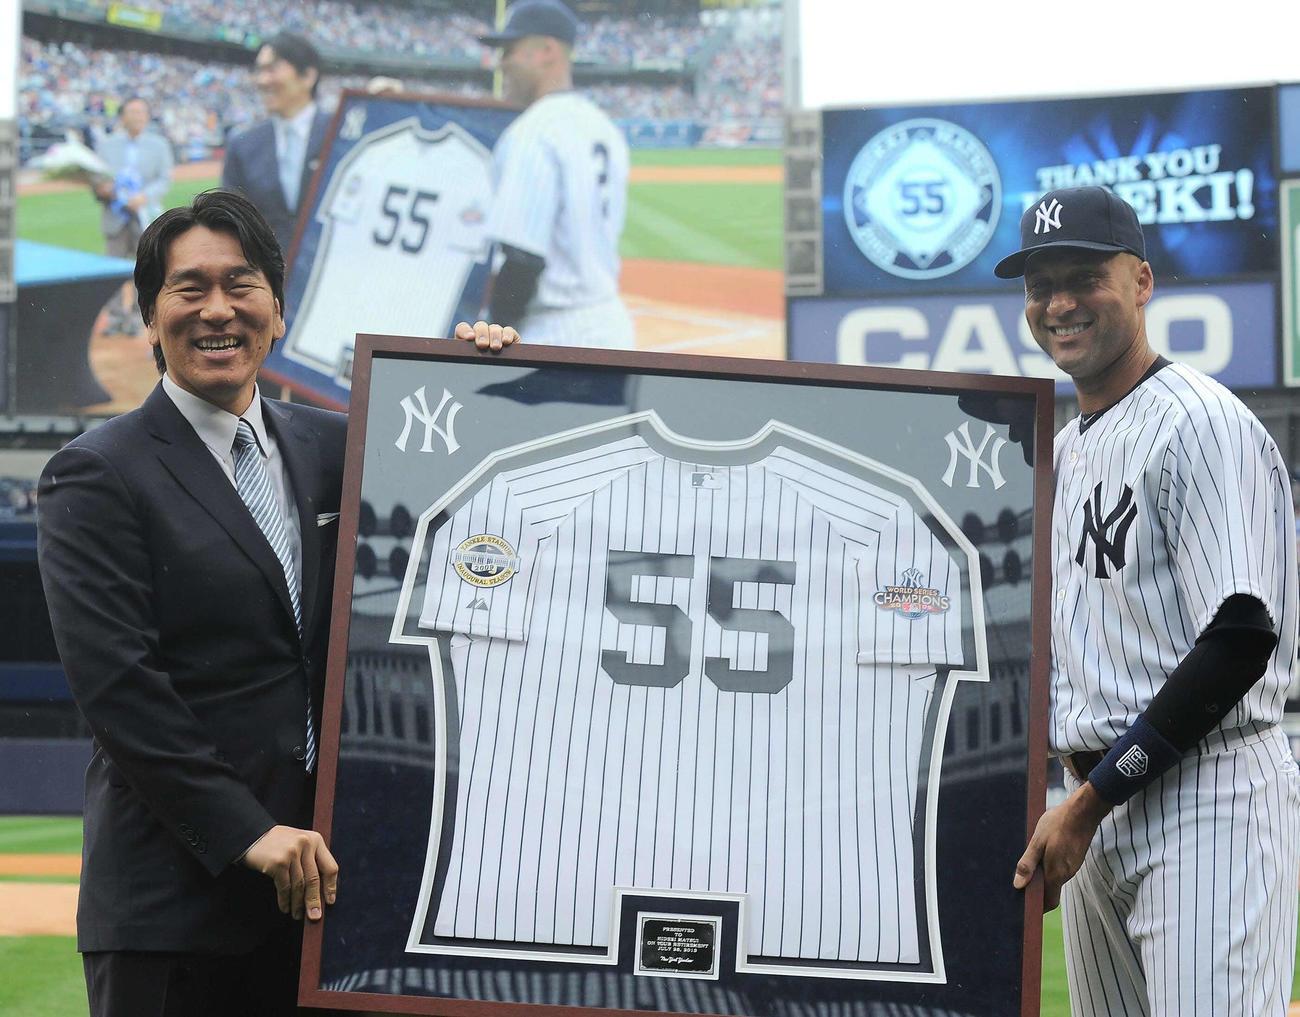 引退式セレモニーで55番のユニホームをジーター(右)から受け取る松井秀喜氏(2013年7月28日撮影)